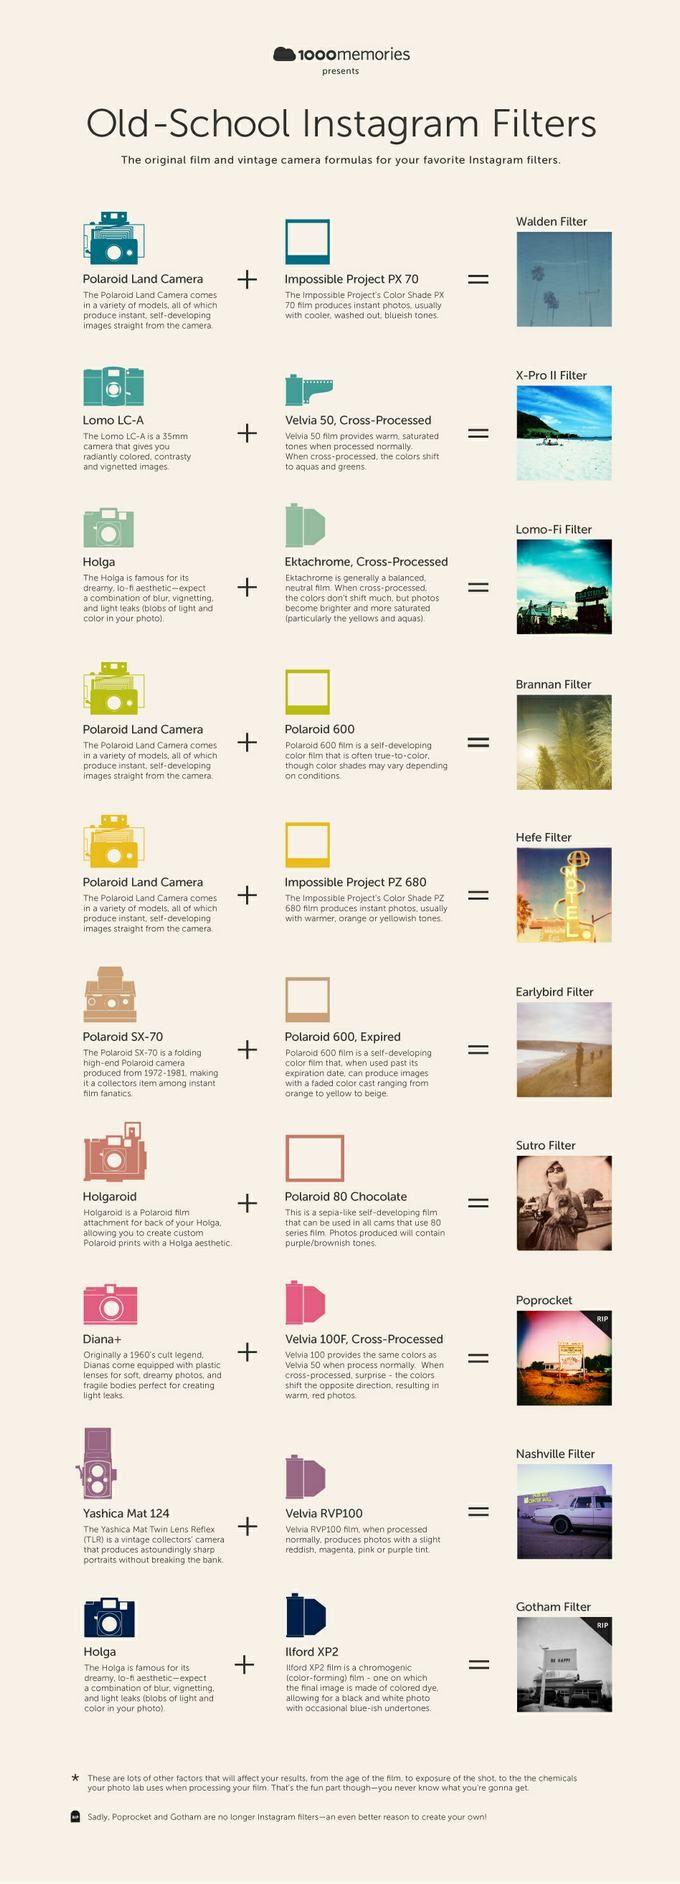 >>> Infografía: Las cámaras vintage y películas fotográficas para obtener los filtros de Instagram.